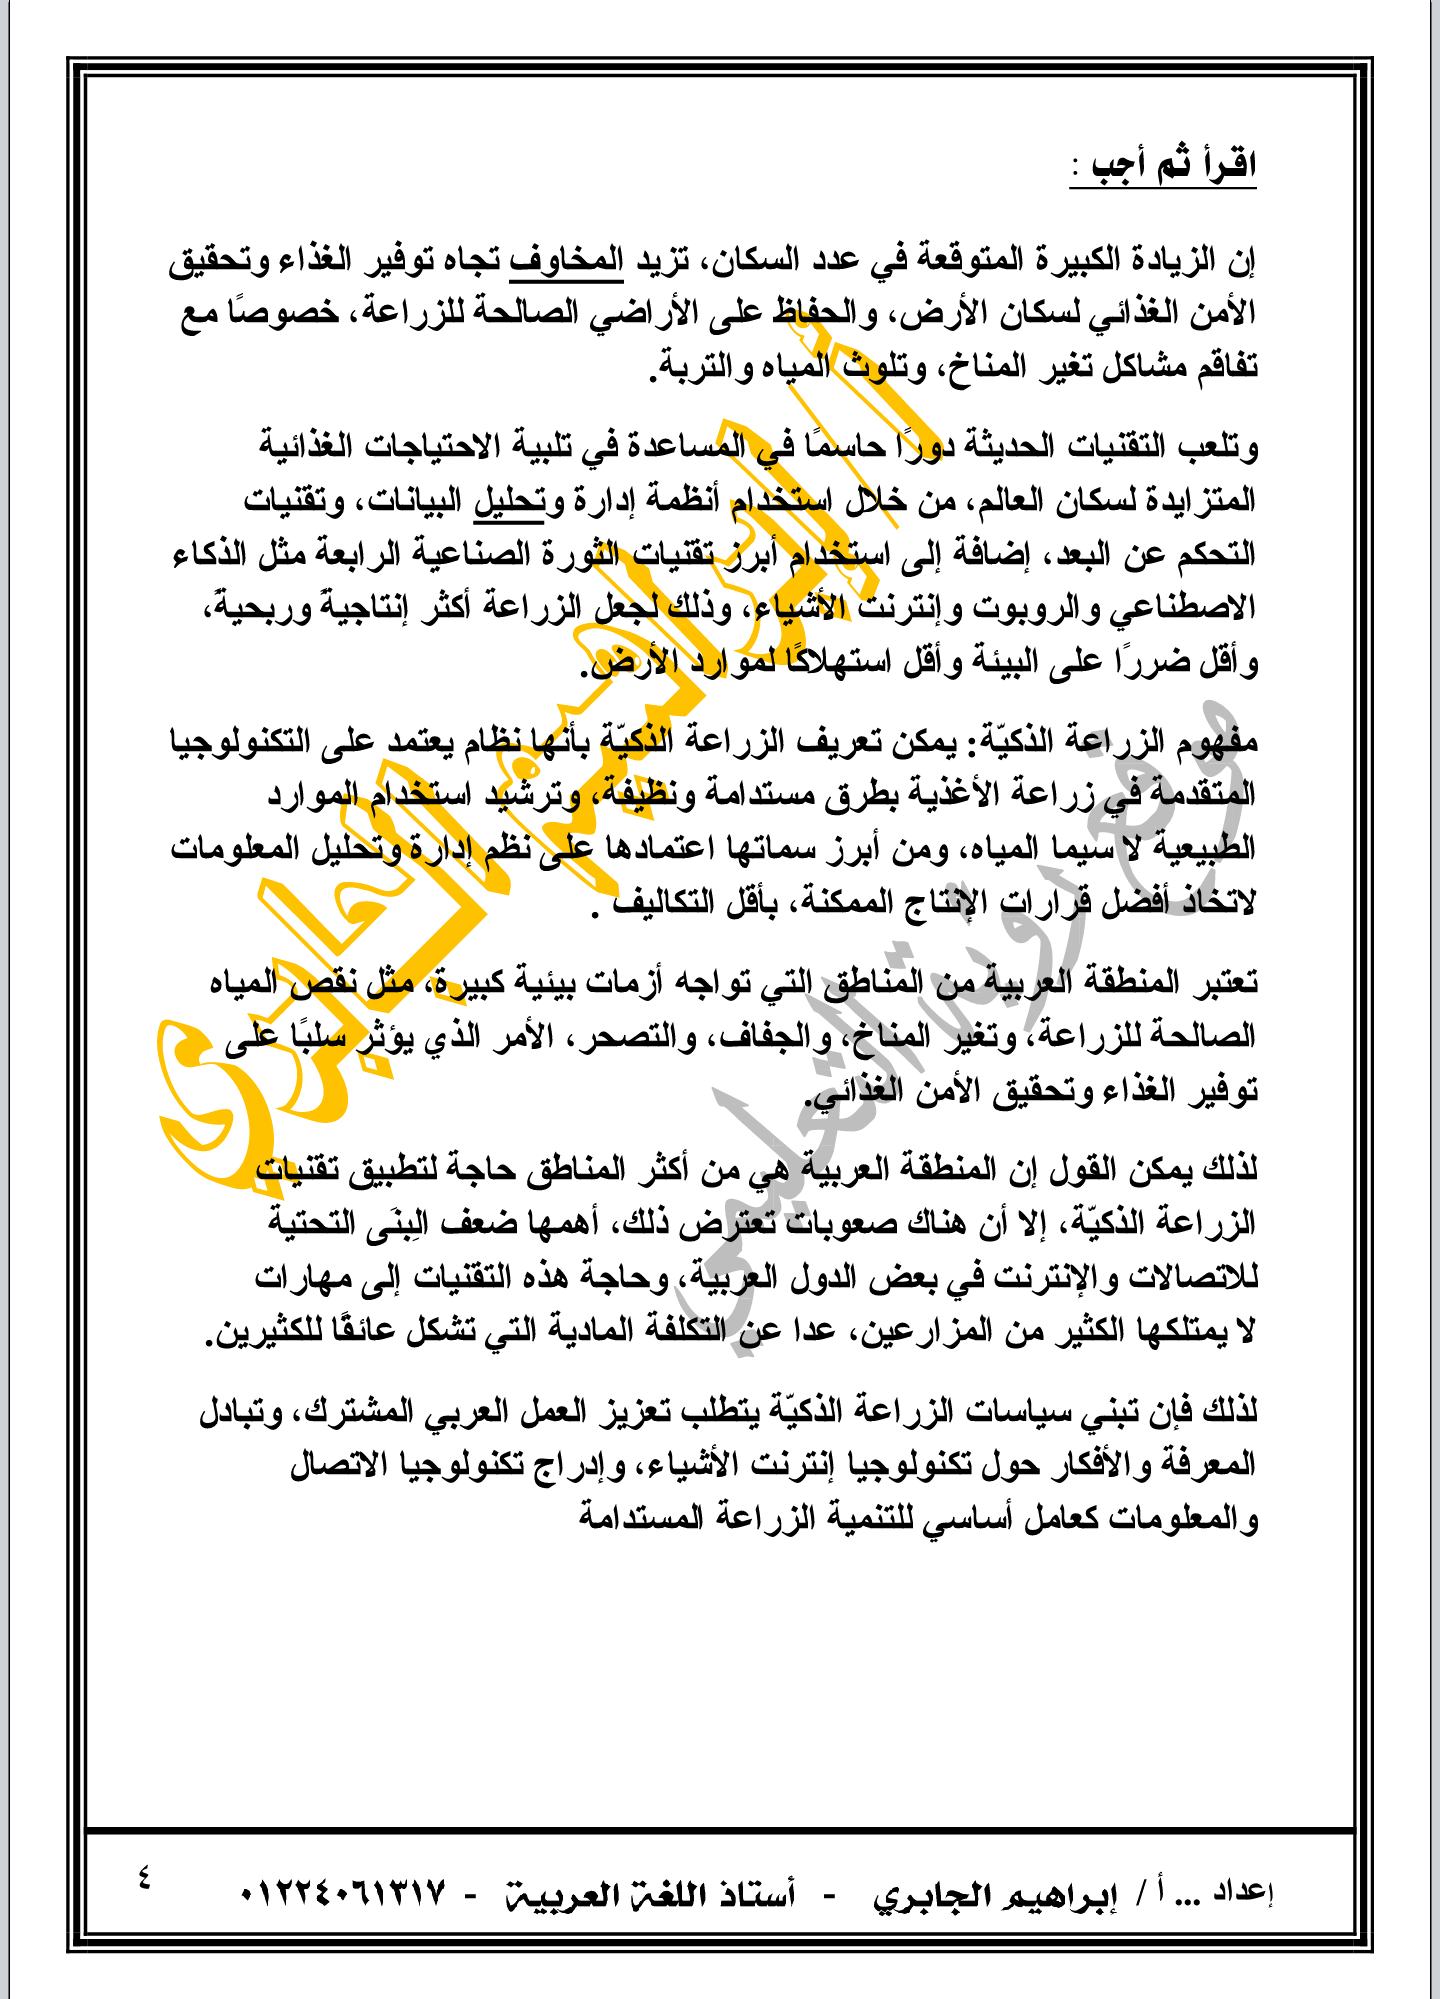 امتحان لغة عربية شامل للثانوية العامة نظام جديد 2021.. 70 سؤالا بالإجابات النموذجية Screenshot_%25D9%25A2%25D9%25A0%25D9%25A2%25D9%25A1-%25D9%25A0%25D9%25A4-%25D9%25A1%25D9%25A5-%25D9%25A0%25D9%25A1-%25D9%25A4%25D9%25A1-%25D9%25A0%25D9%25A6-1